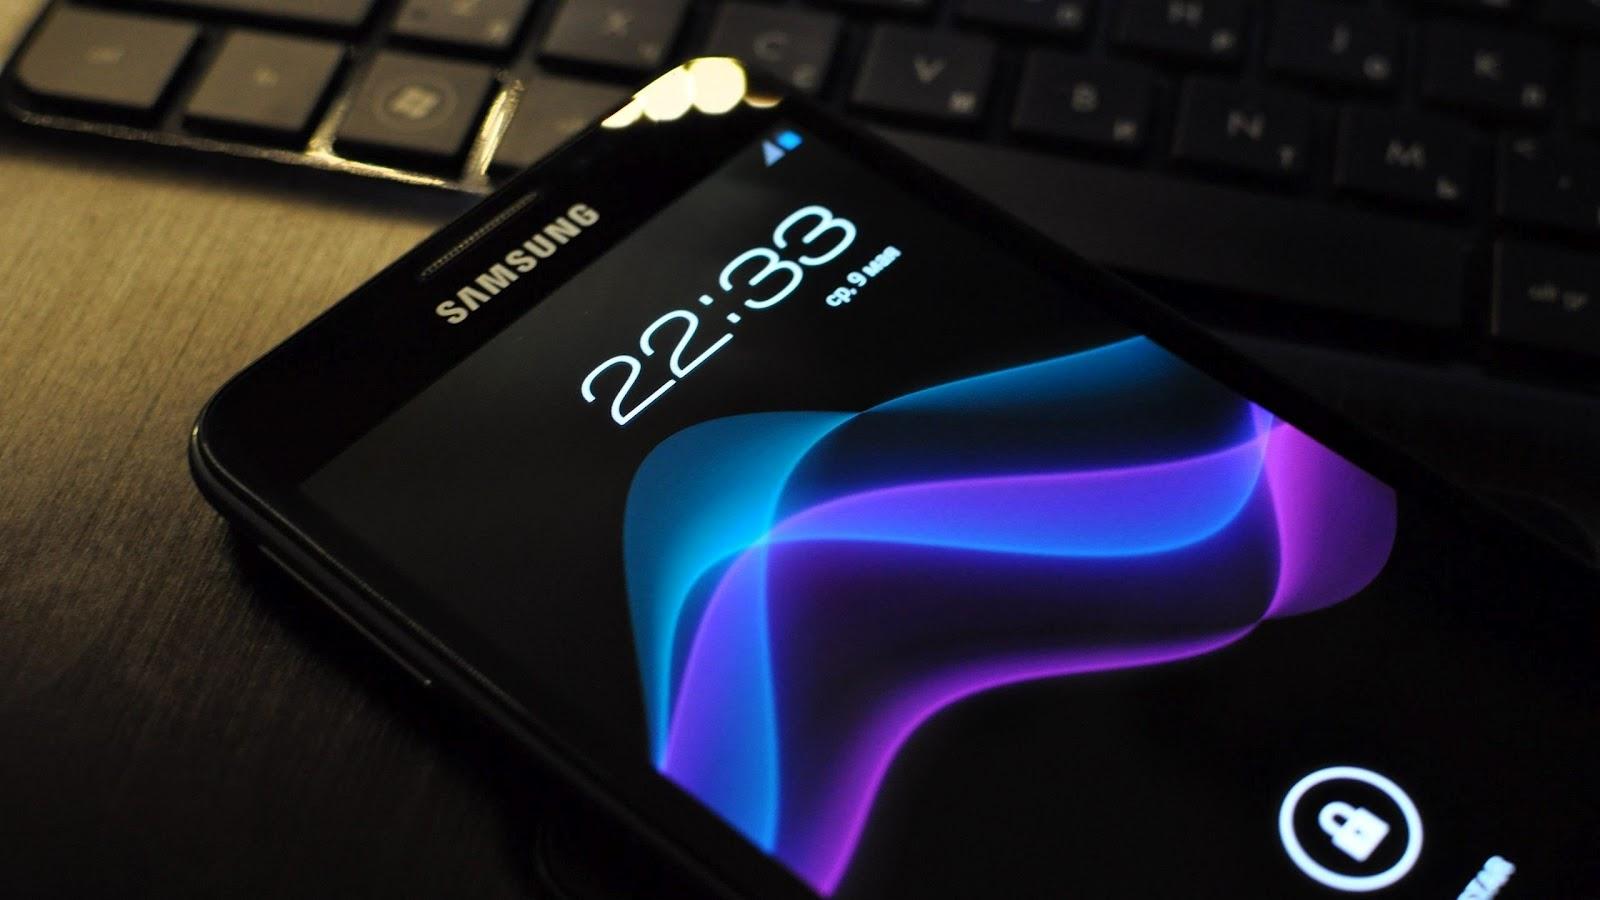 http://3.bp.blogspot.com/-l65ilba1_eQ/UCsTl-kinQI/AAAAAAAAD2M/6XVbuFNw8Nk/s1600/samsung-galaxy-note-2560x1440.jpg